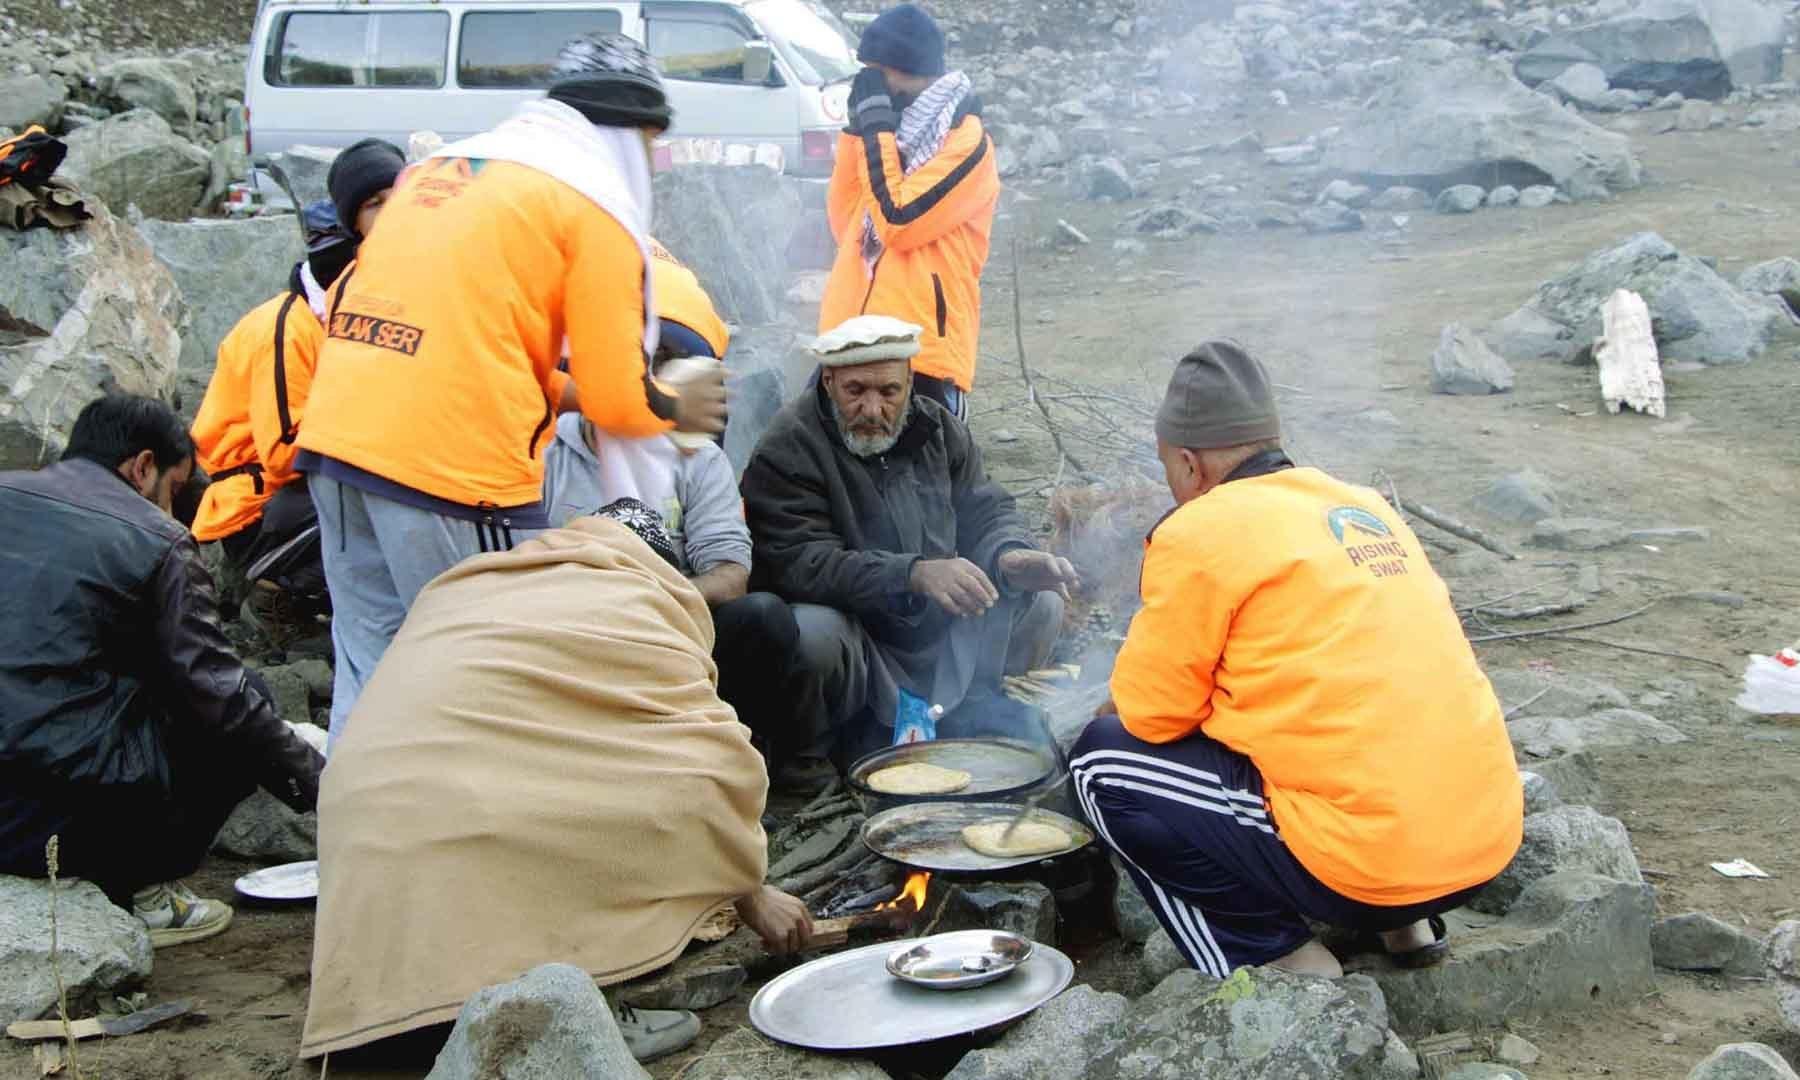 چشمۂ شفا میں صبح کا ناشتہ تیار کیا جا رہا ہے—تصویر امجد علی سحاب